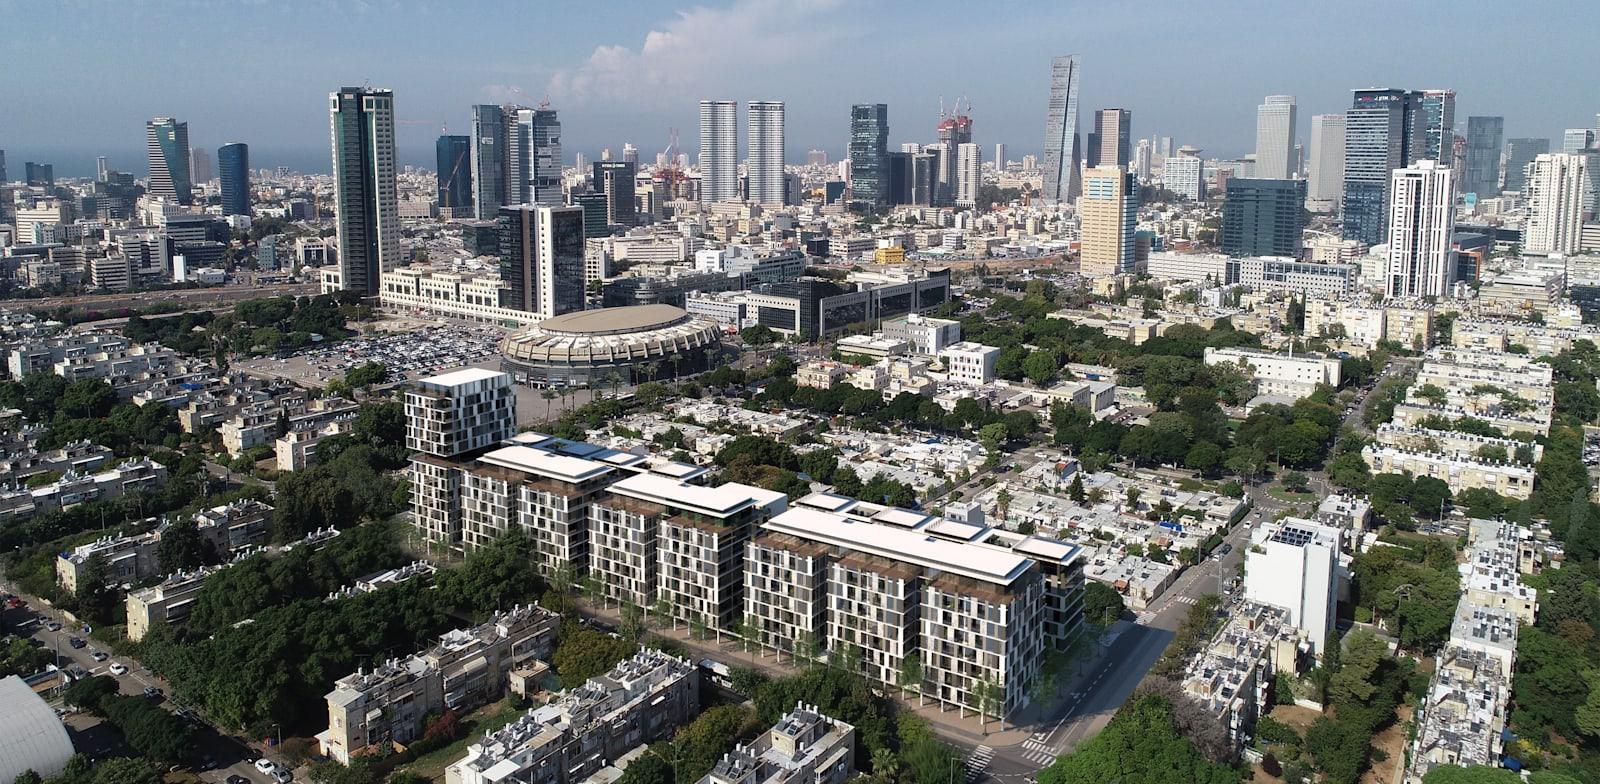 פרויקט לה גווארדיה תל אביב רוטשטיין / צילום: viewpoint